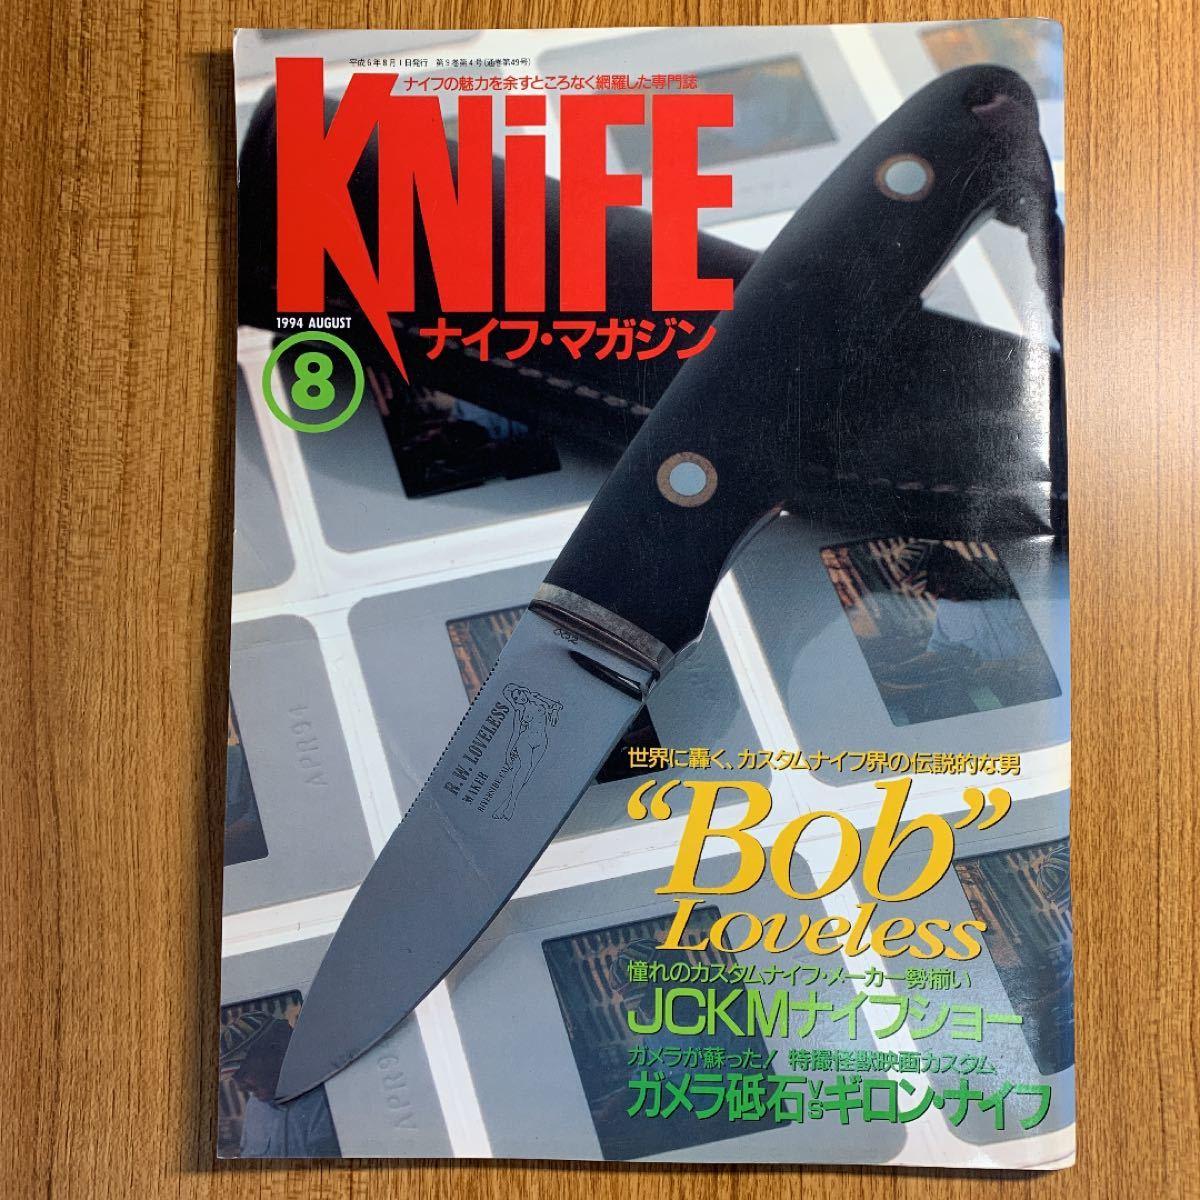 ナイフマガジン/ボブ ラブレスのシースナイフ